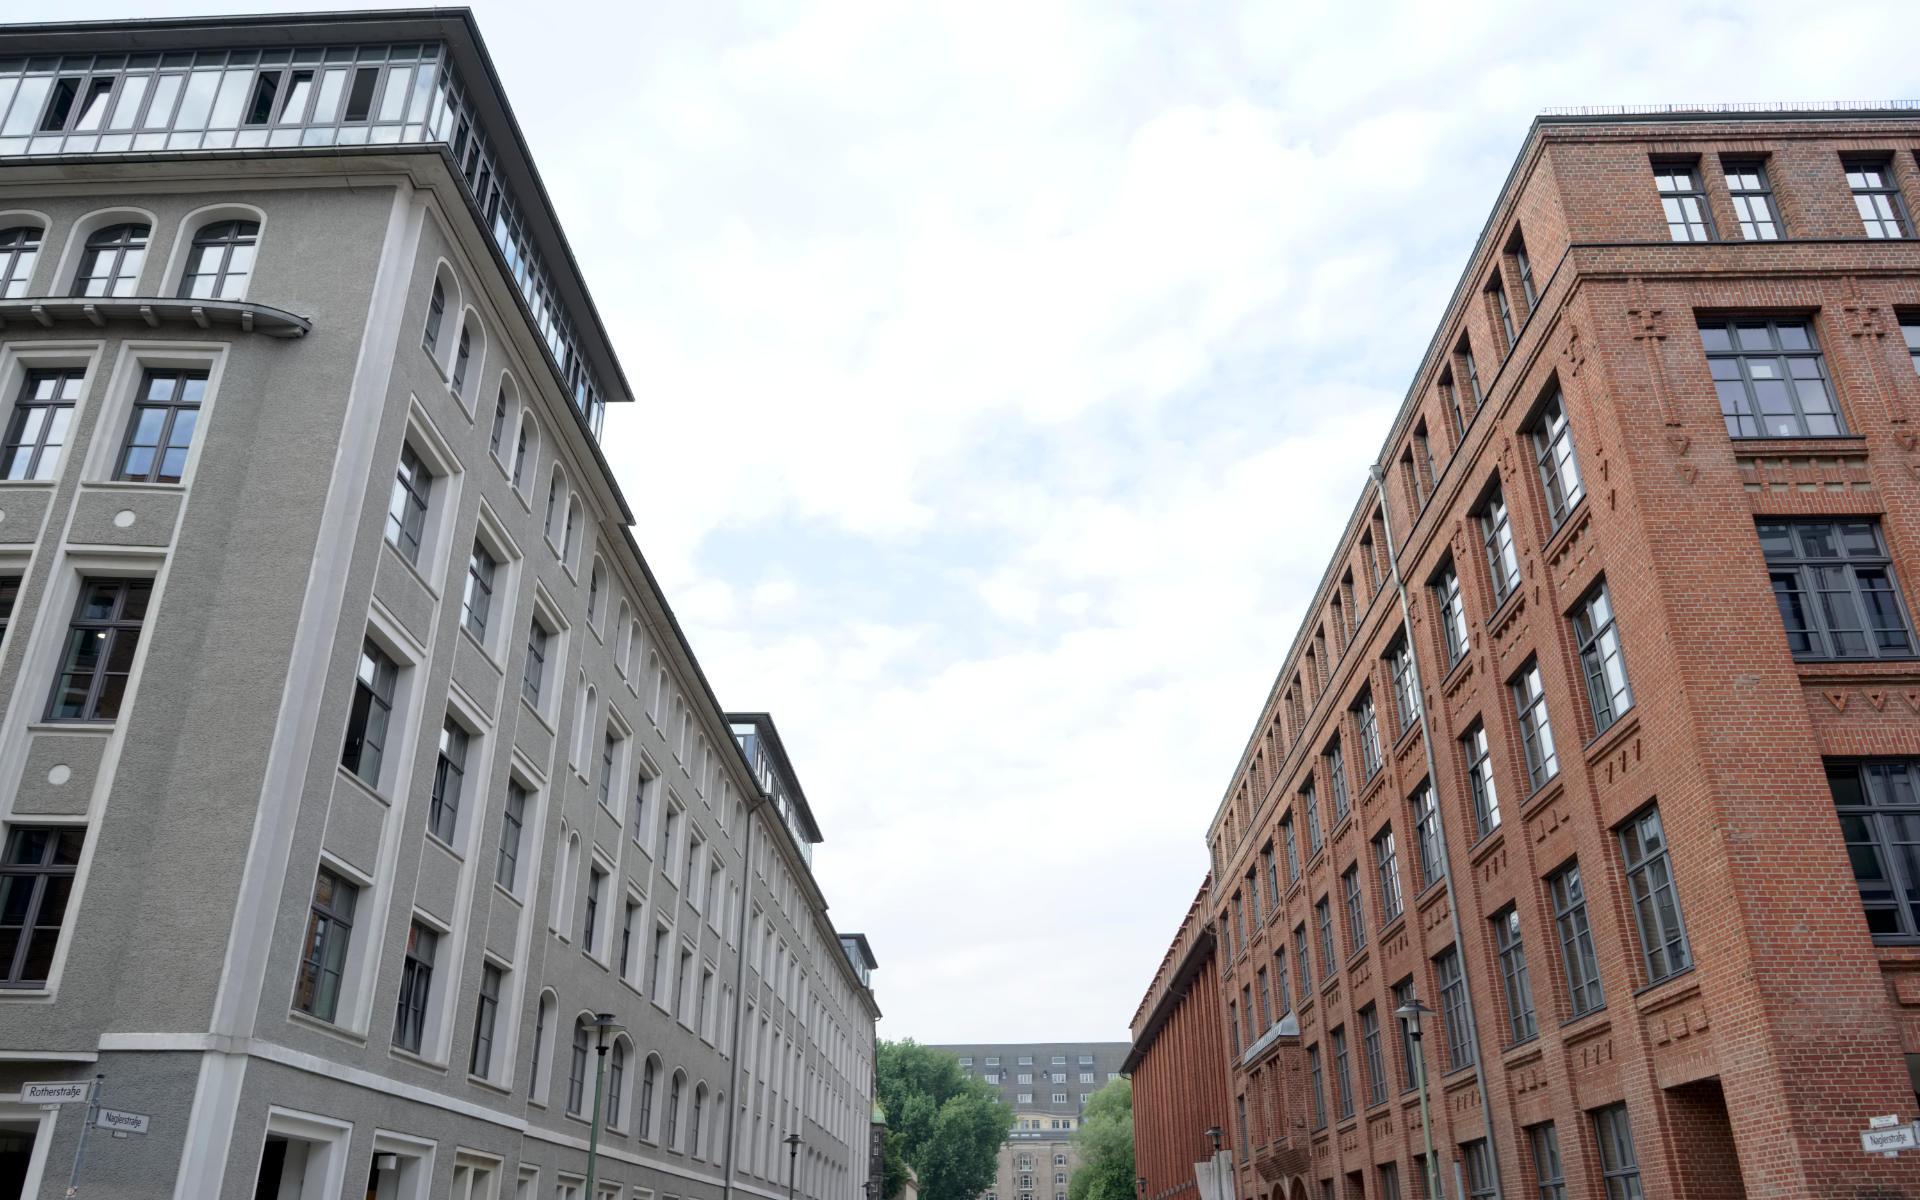 Oberbaumcity Denkmalschutz Mieteruebersicht Buerohaus Beschilderung Leitsystem Design Berlin